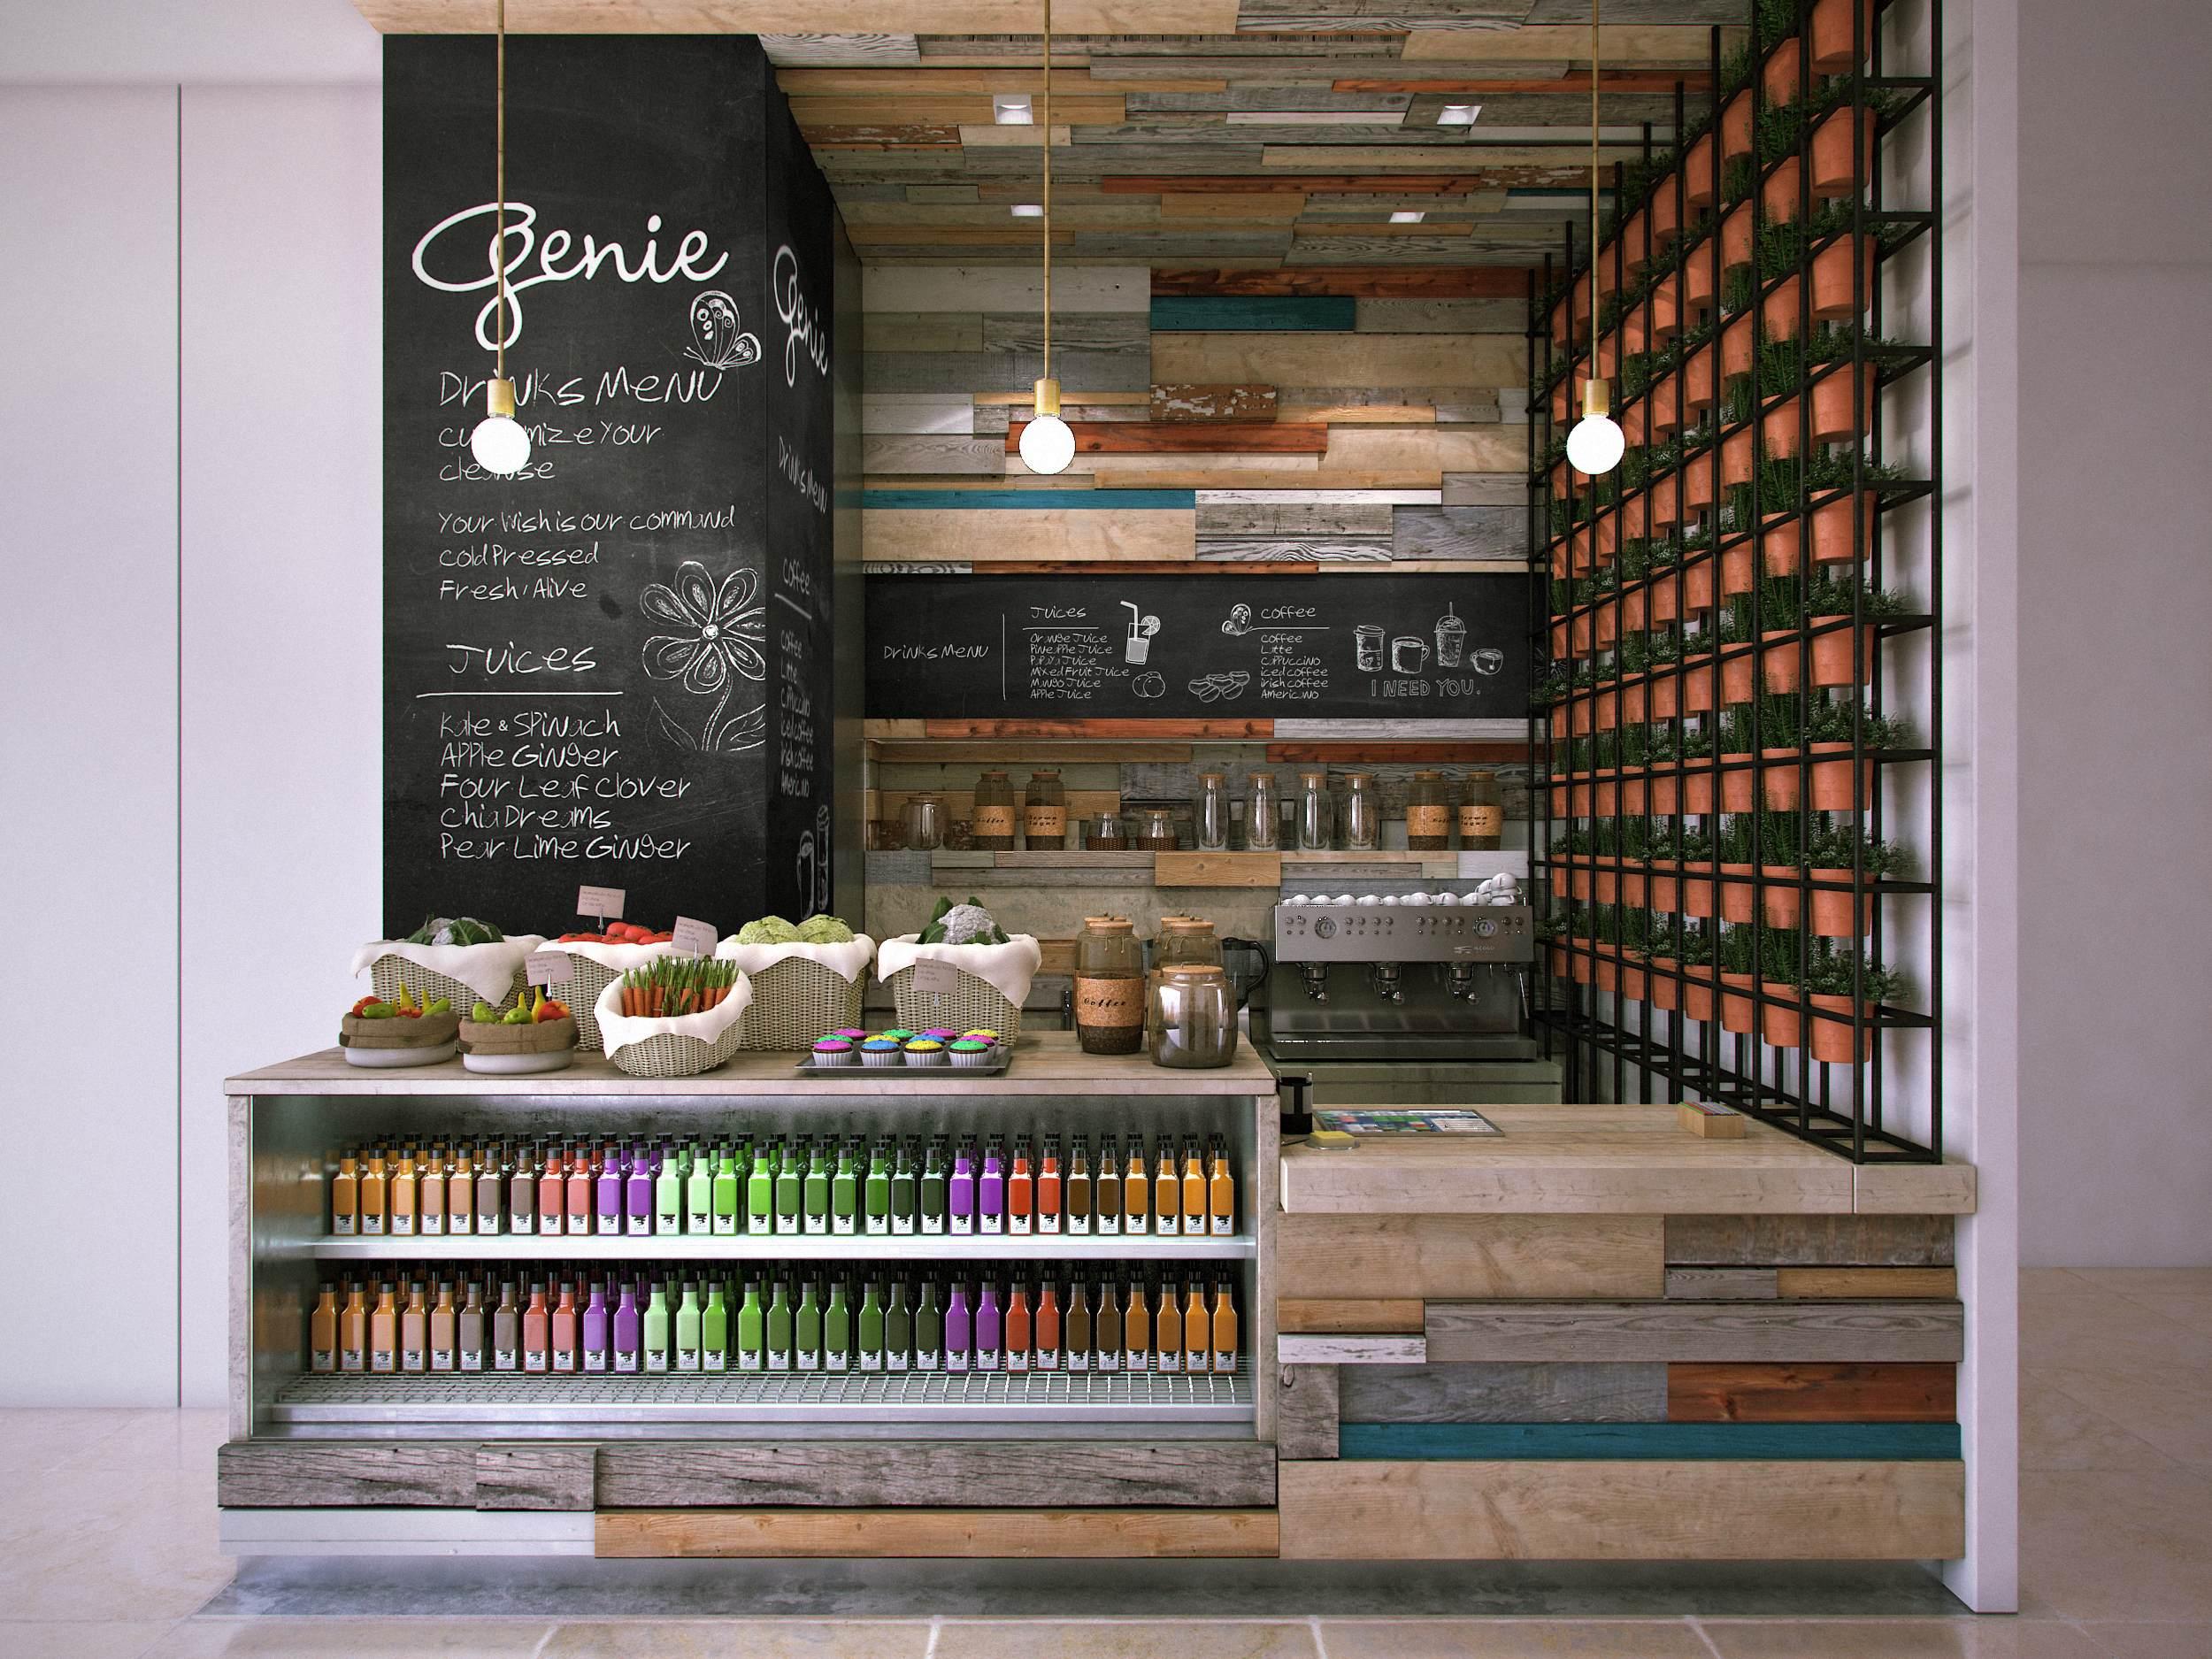 Genie Juice Bar Mitchel Squires Amp Associates Architecture Interior Design